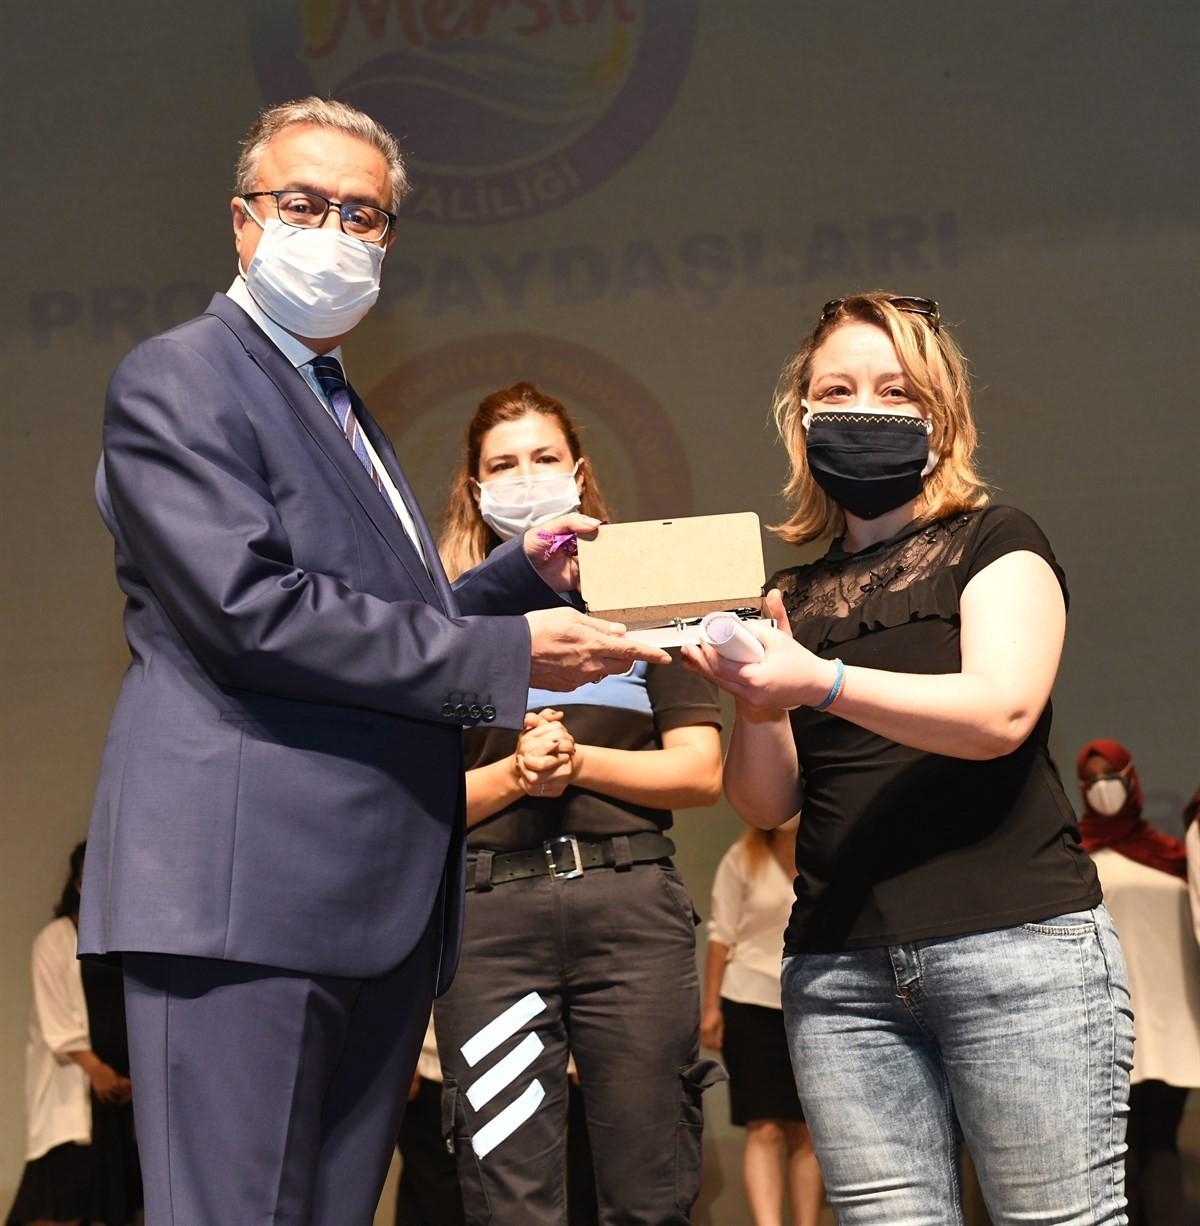 bir damla iyilik projesinde kursiyerlere sertifikalarini vali su verdi.klijghups7ebwhu1kbq9az